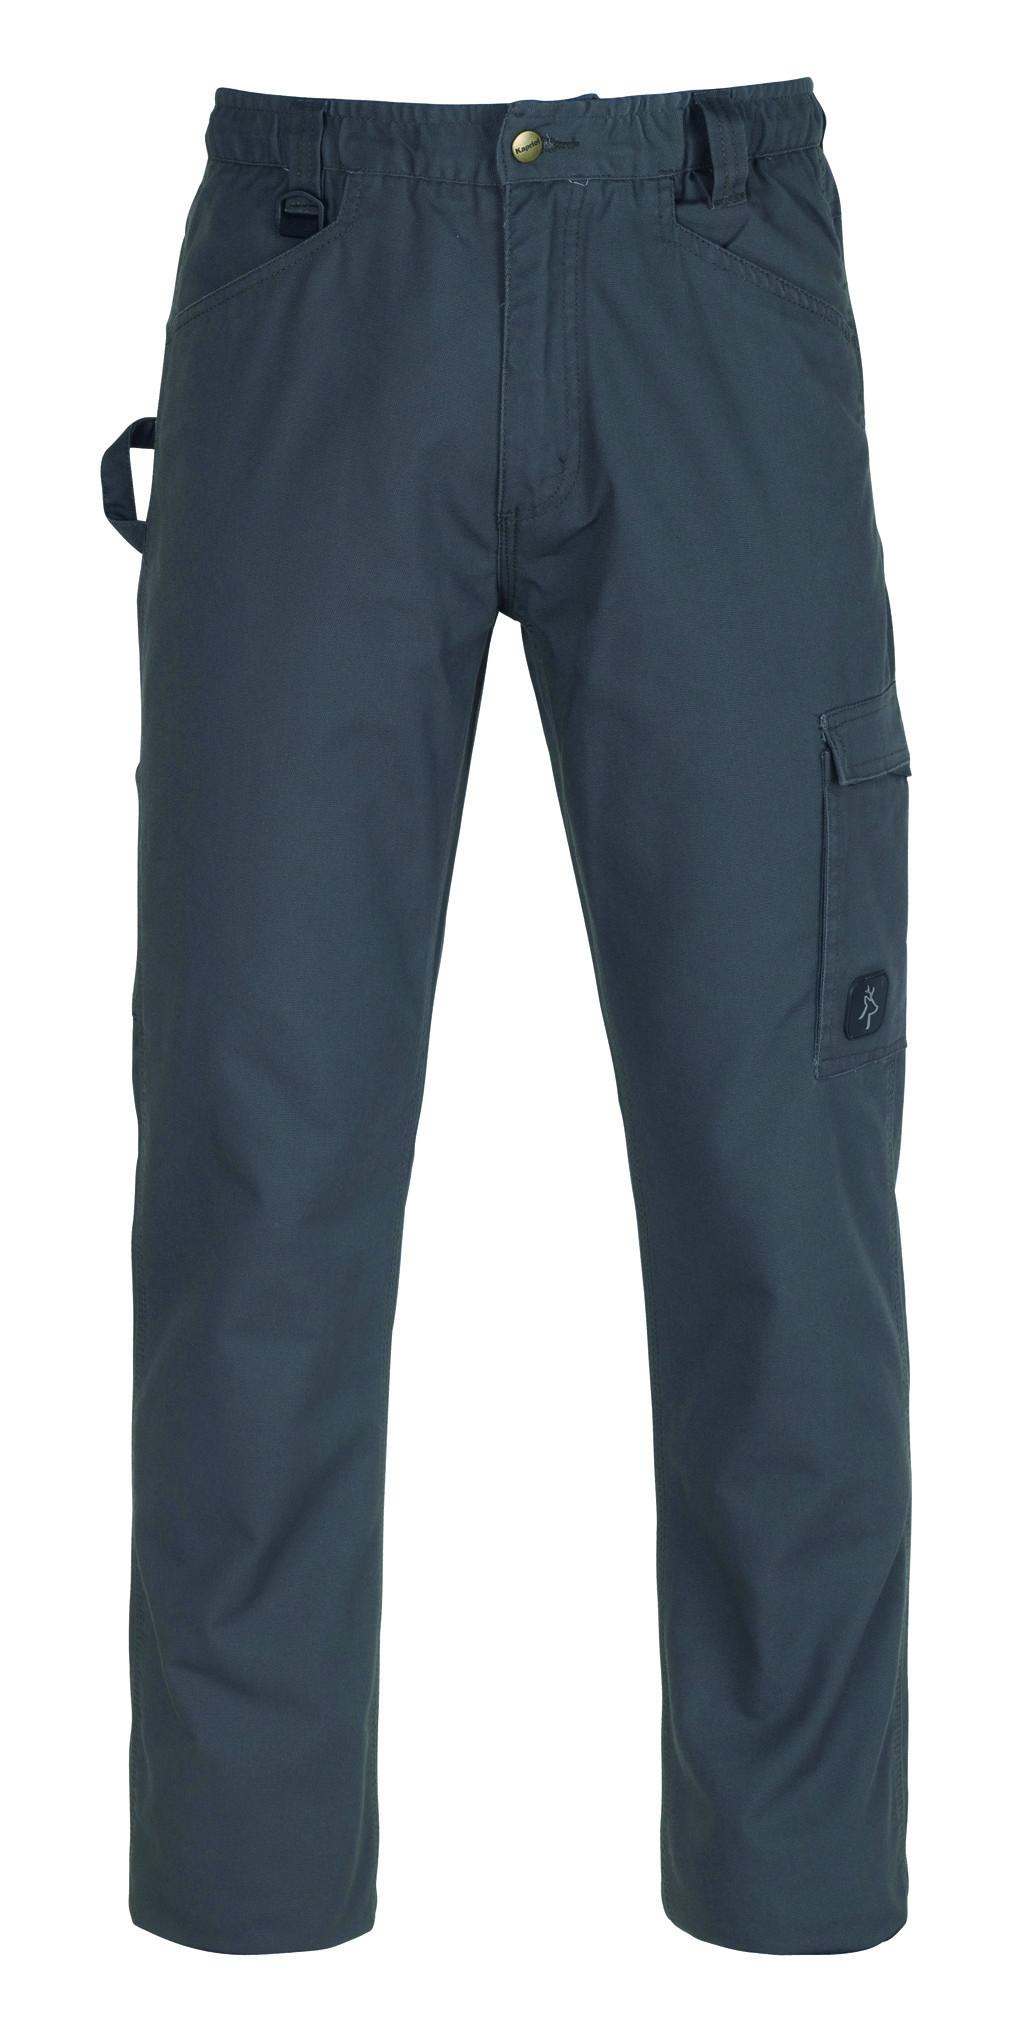 Pracovní kalhoty COMFORT LIGHT KAPRIOL - O203339